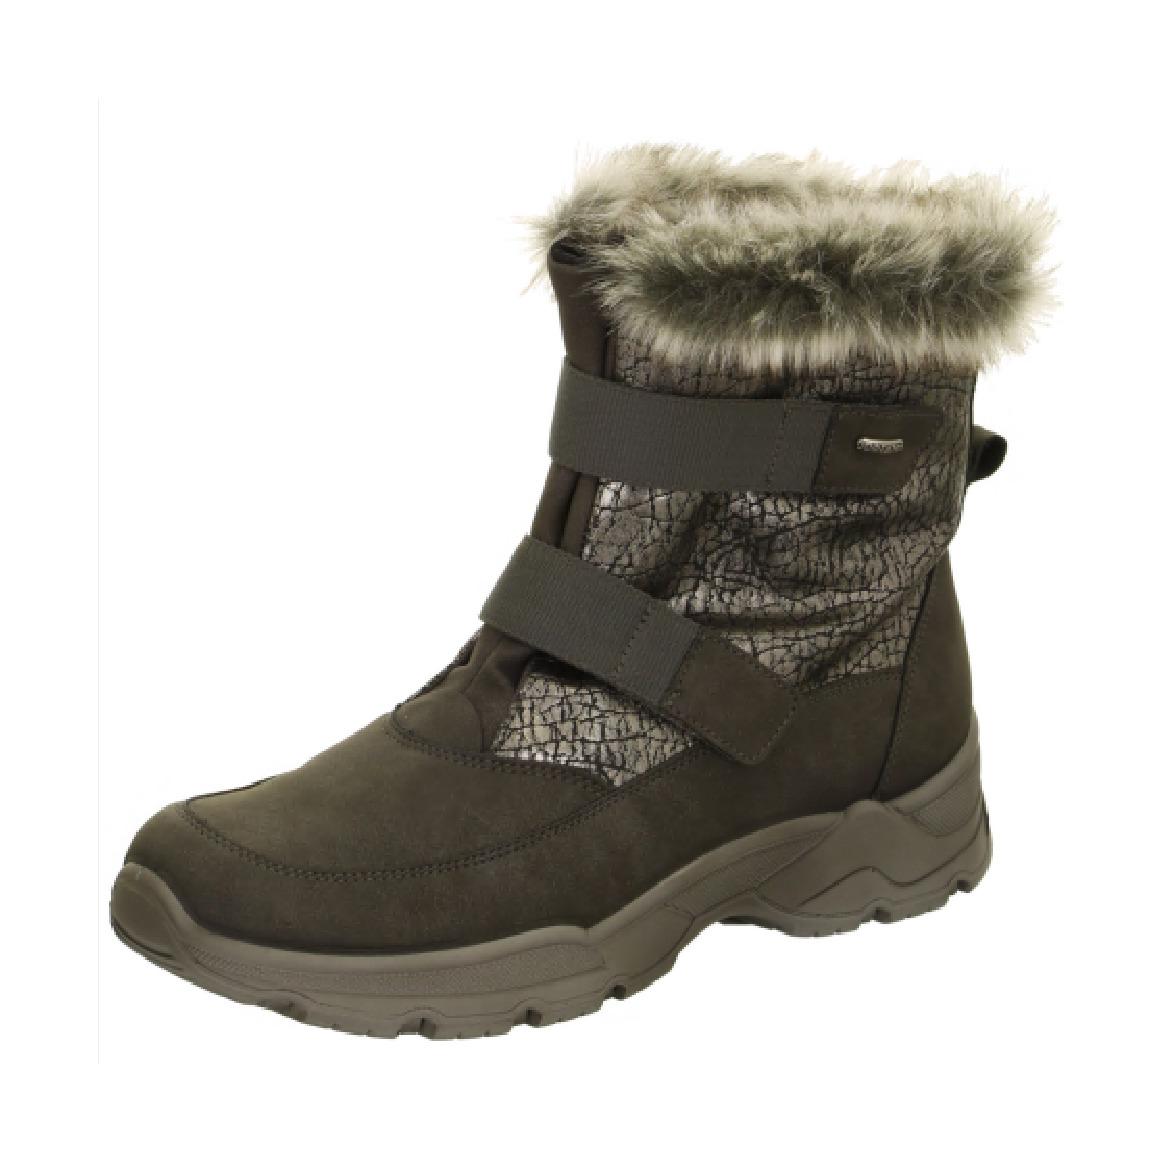 Soňa - Dámska obuv - Snehule - Šedé dámske snehule značky Jenny dccbc6a718